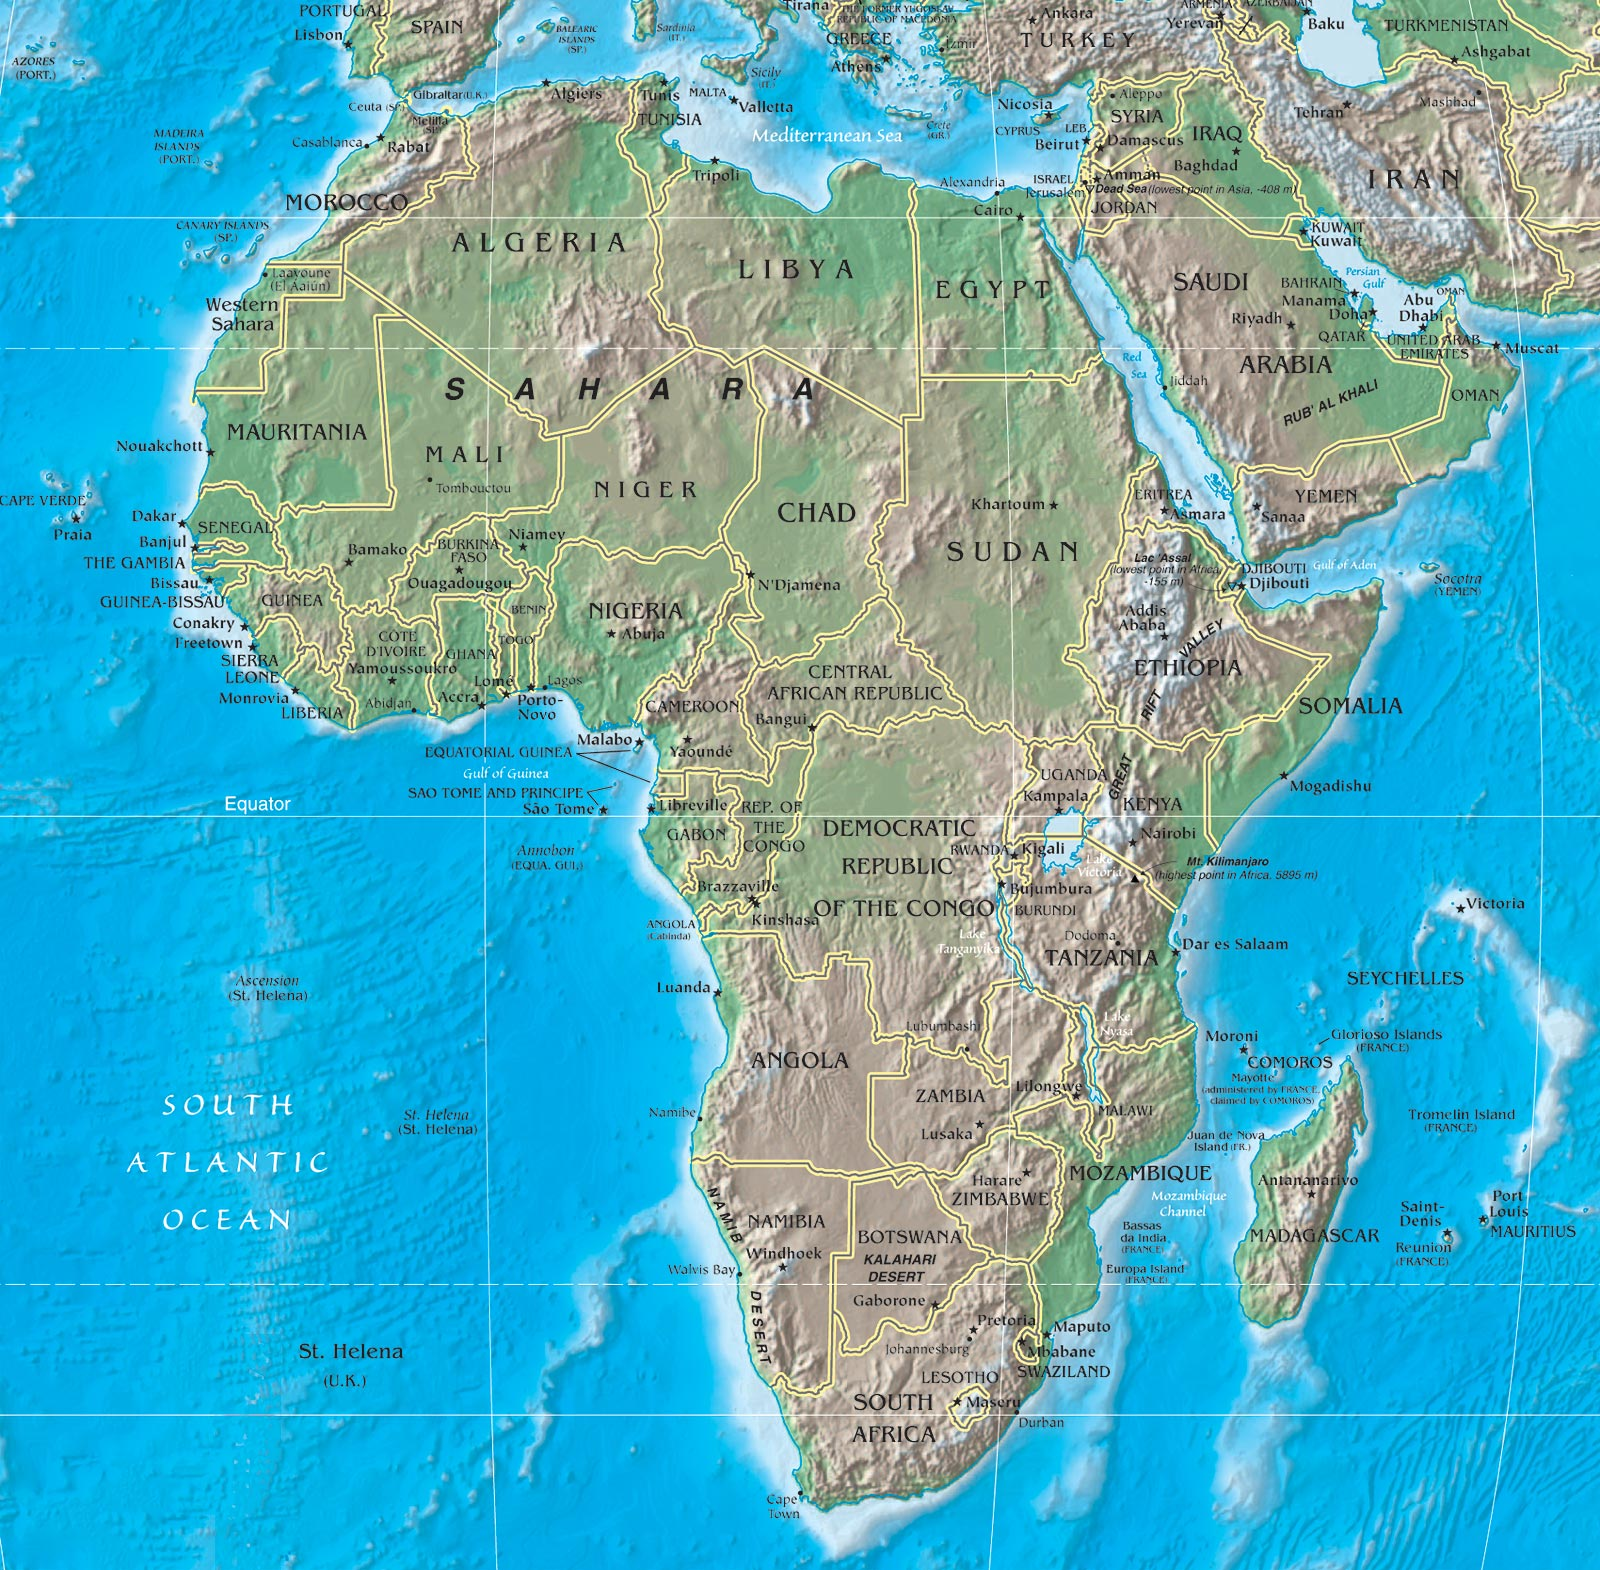 Cartina Fisica Dell Africa Settentrionale.Africa Mappa Geografia Caratteristiche Fisiche Flora Fauna